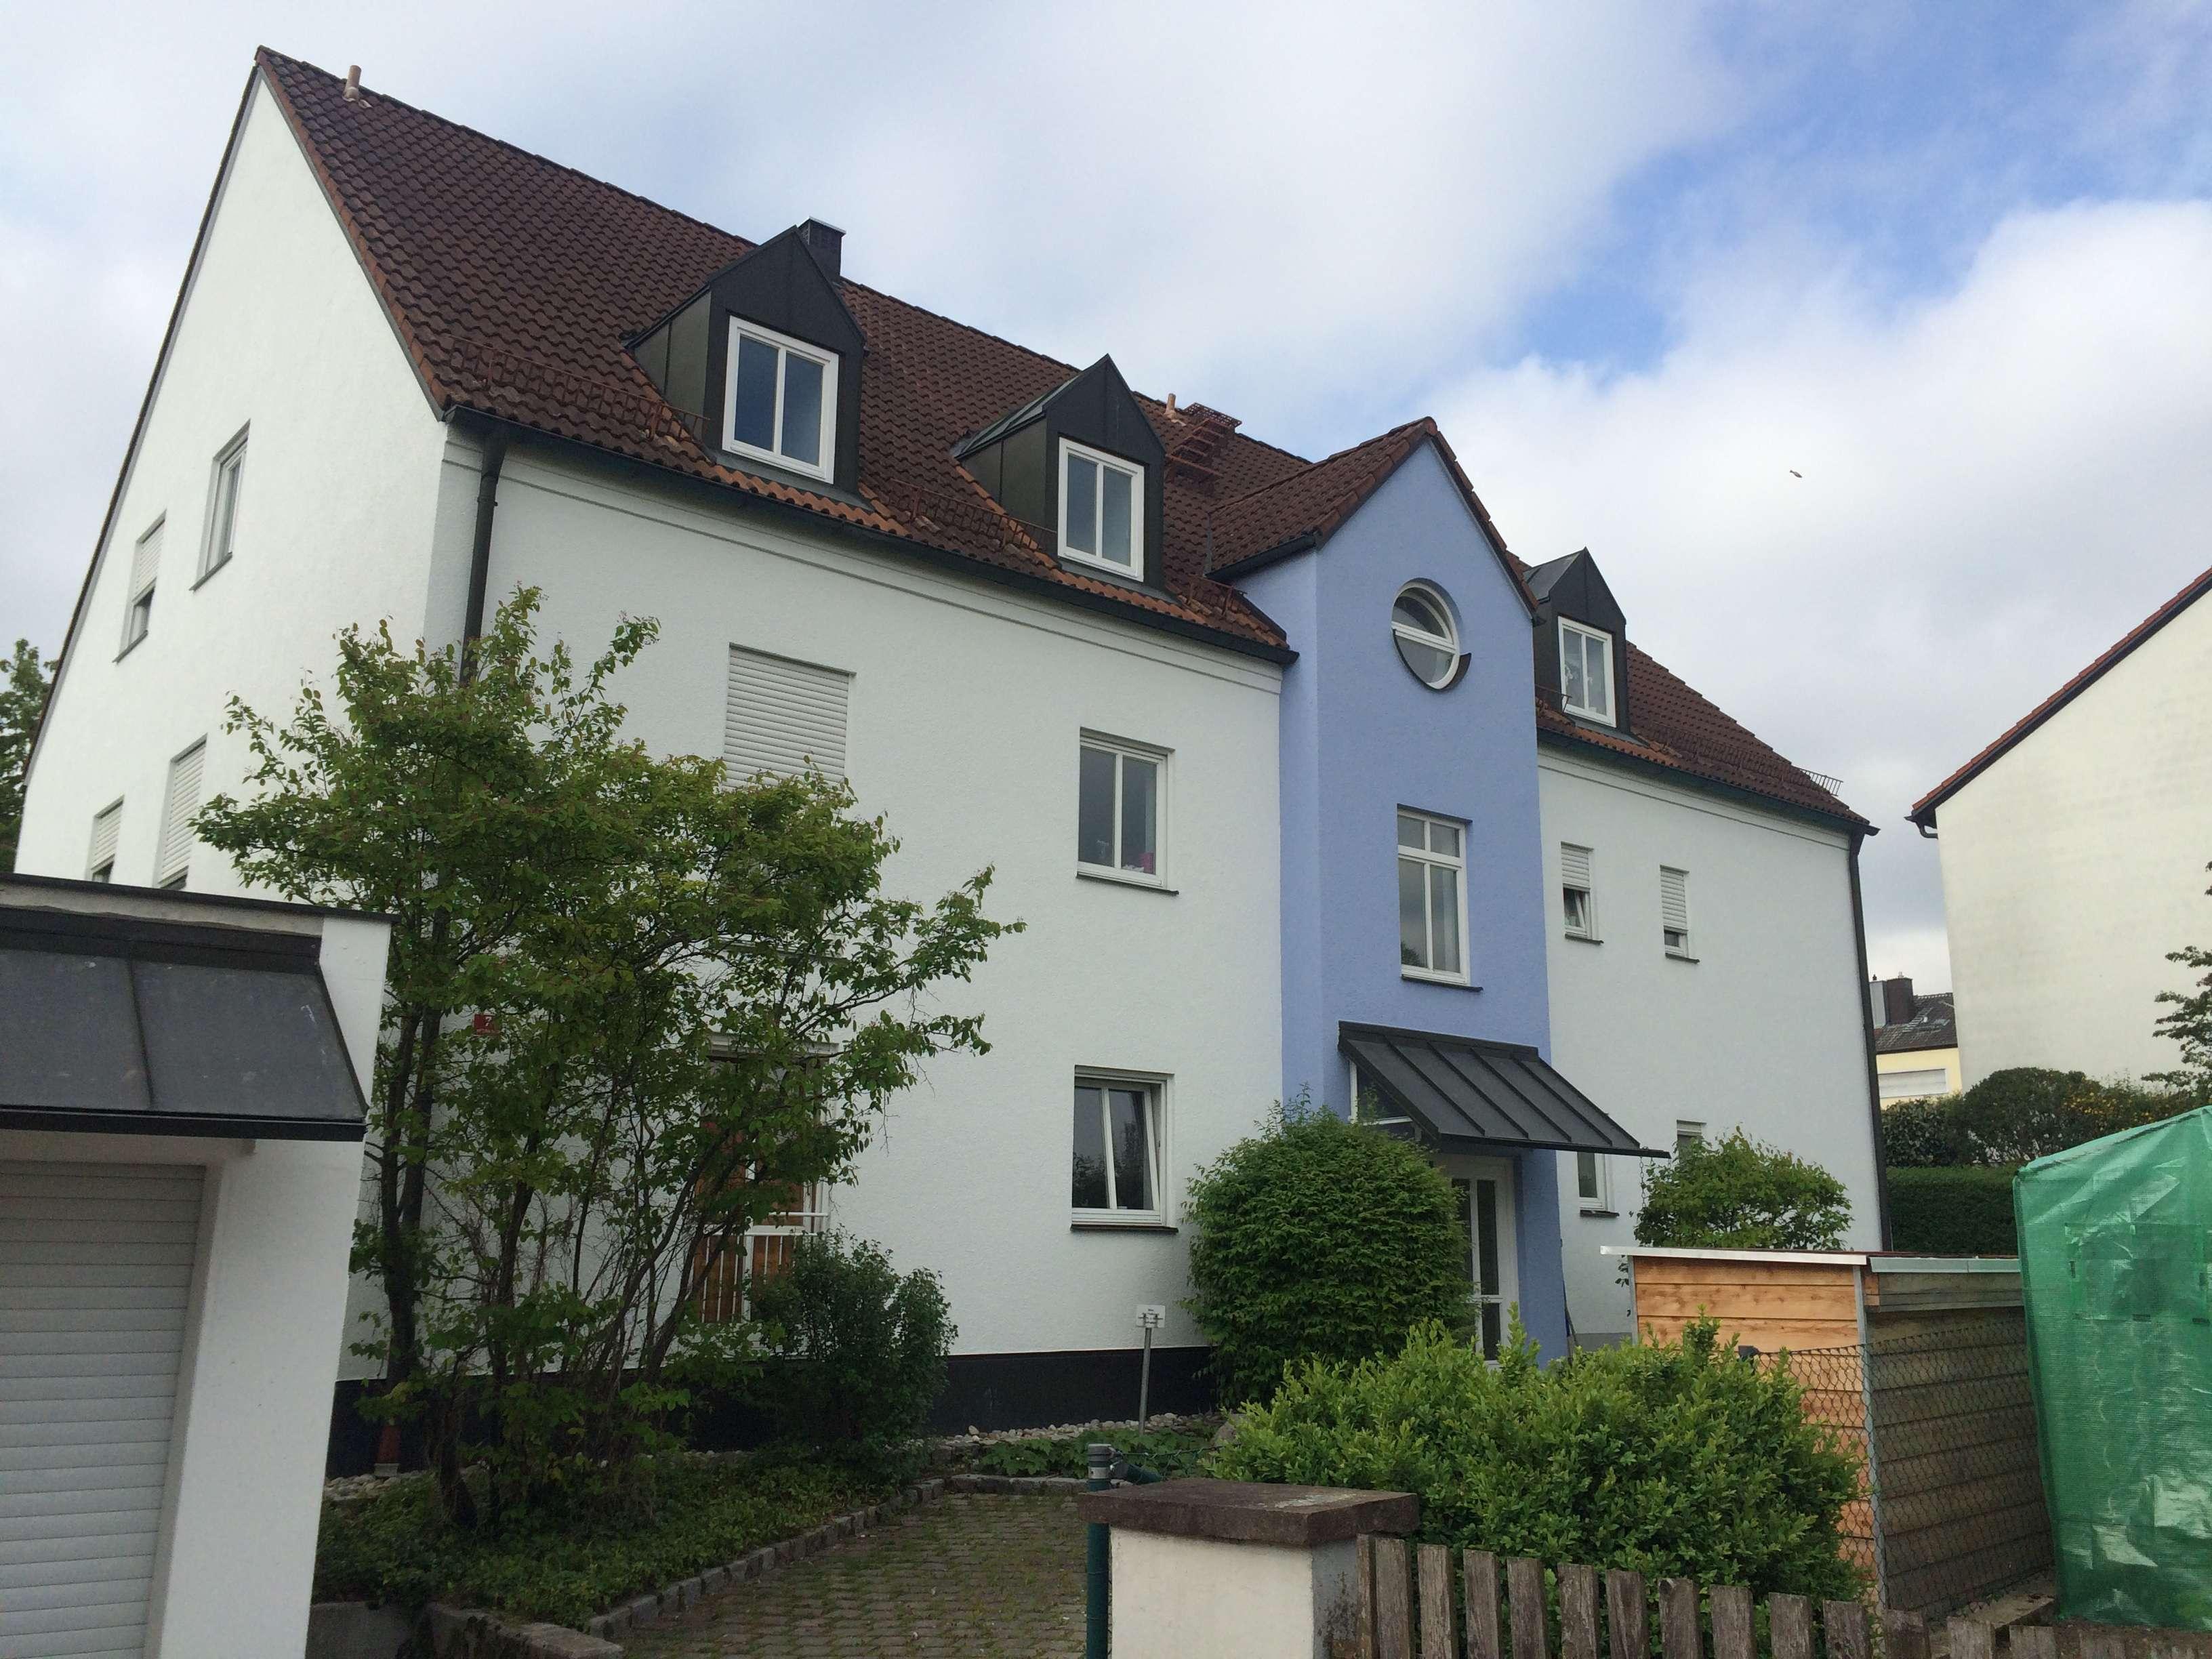 Exlkusive 3-Zimmer EG Wohnung mit Terrasse und neuer moderner EBK in Freising